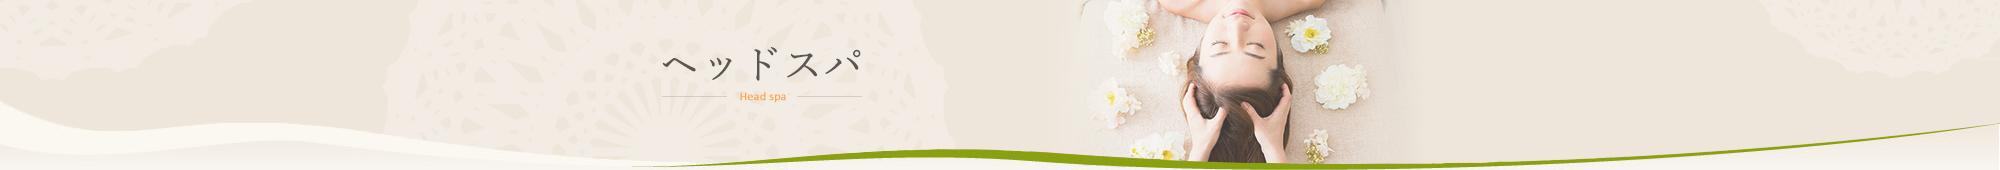 ヘッドスパ関連のブログ一覧|楽庵(らくあん)は出張専門のマッサージサロンです。